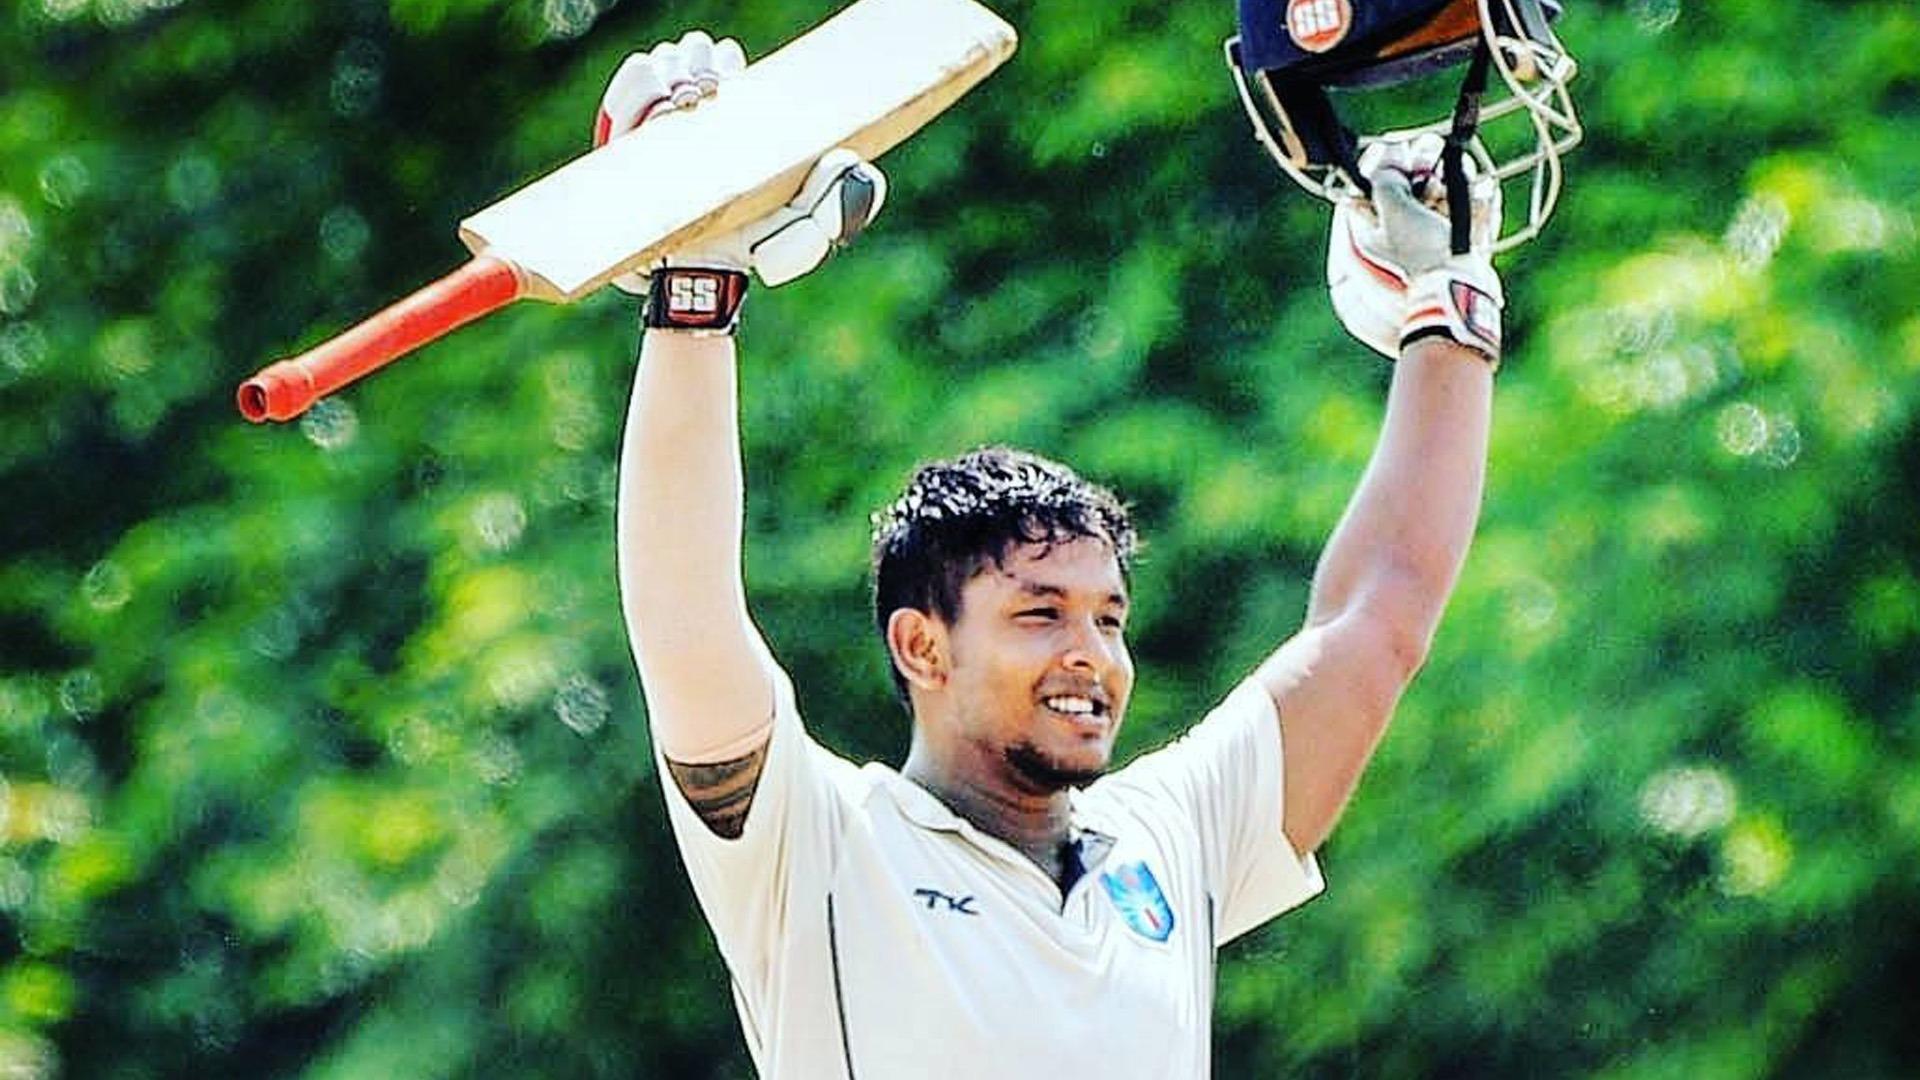 आईपीएल 2019: 5 अनकैप्ड भारतीय खिलाड़ी जो आईपीएल नीलामी में हासिल कर सकते हैं मोटी रकम 3